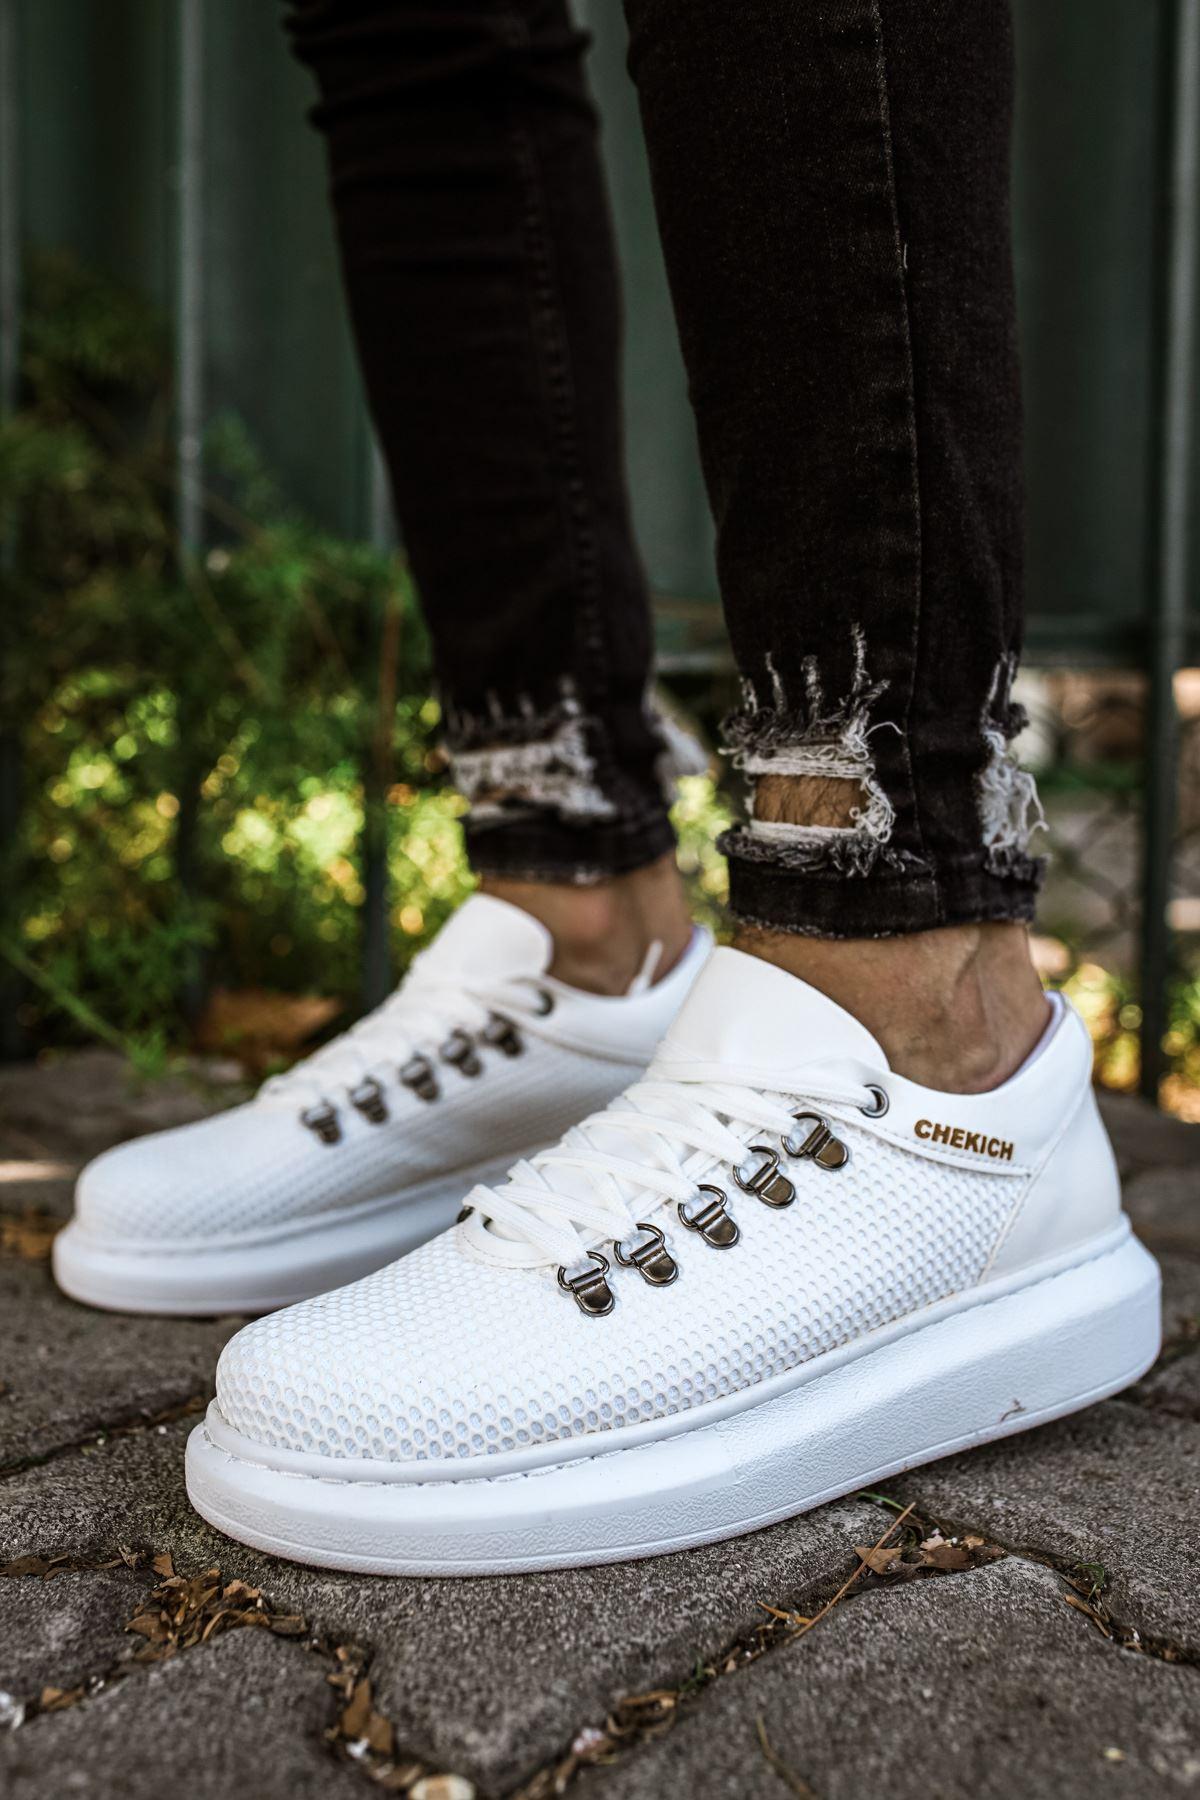 Men's Lace-up White Shoes